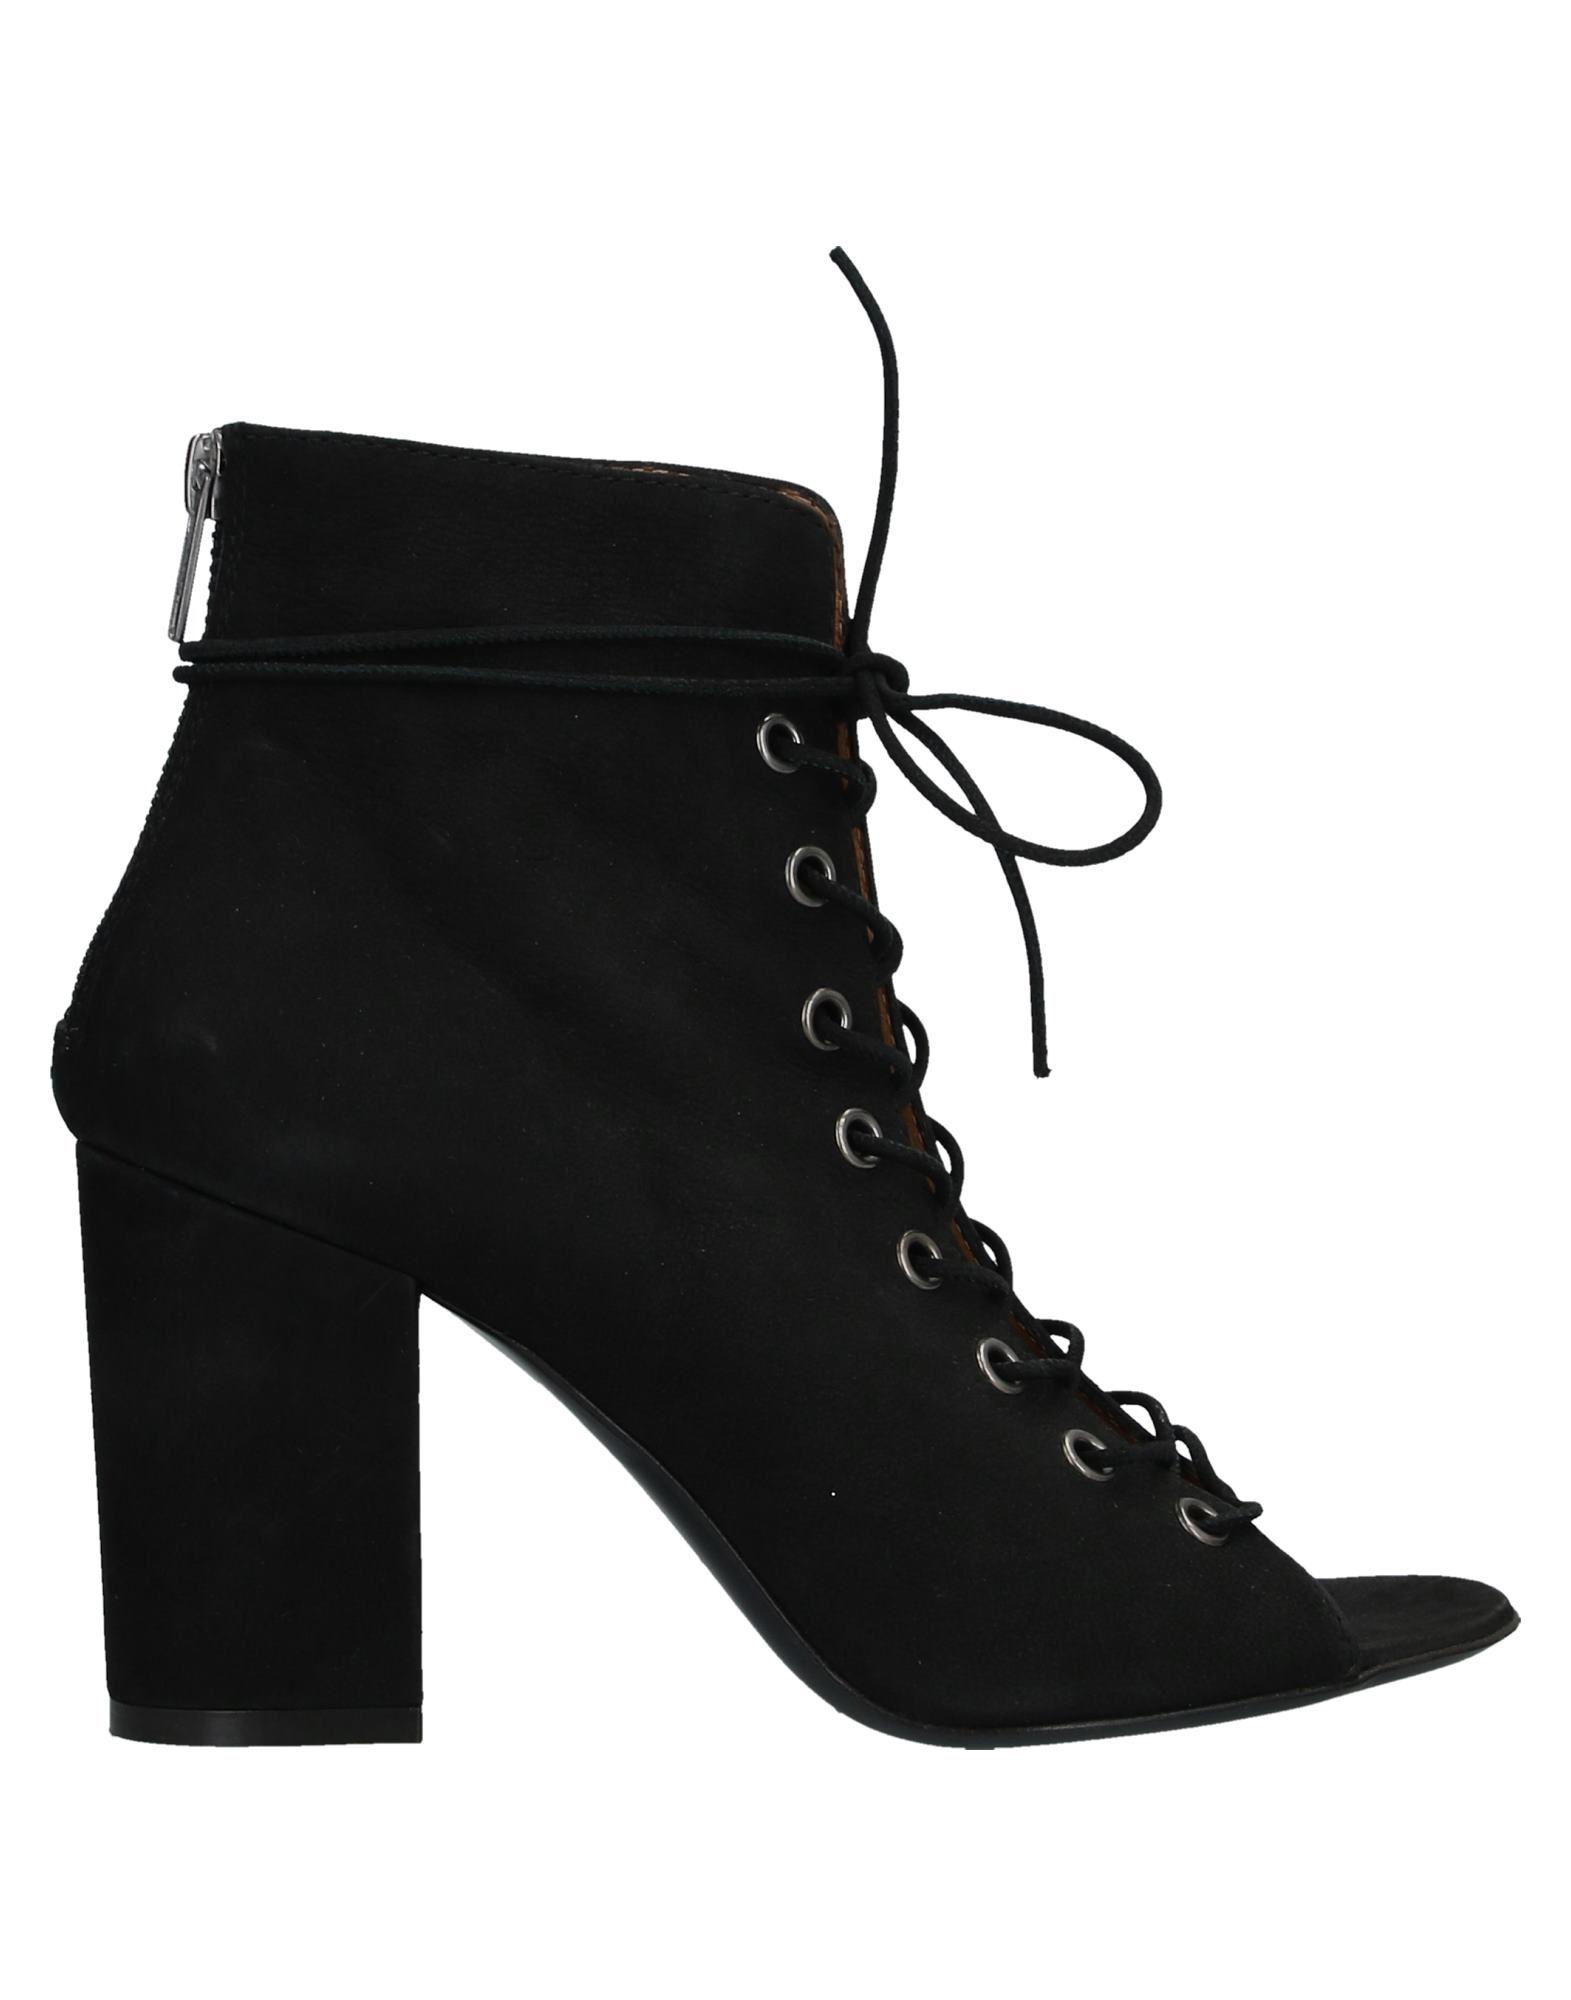 MY HEELS Полусапоги и высокие ботинки zorssar 2018 ankle strap heels women sandals summer shoes women open toe chunky high heels party dress sandals big size 43